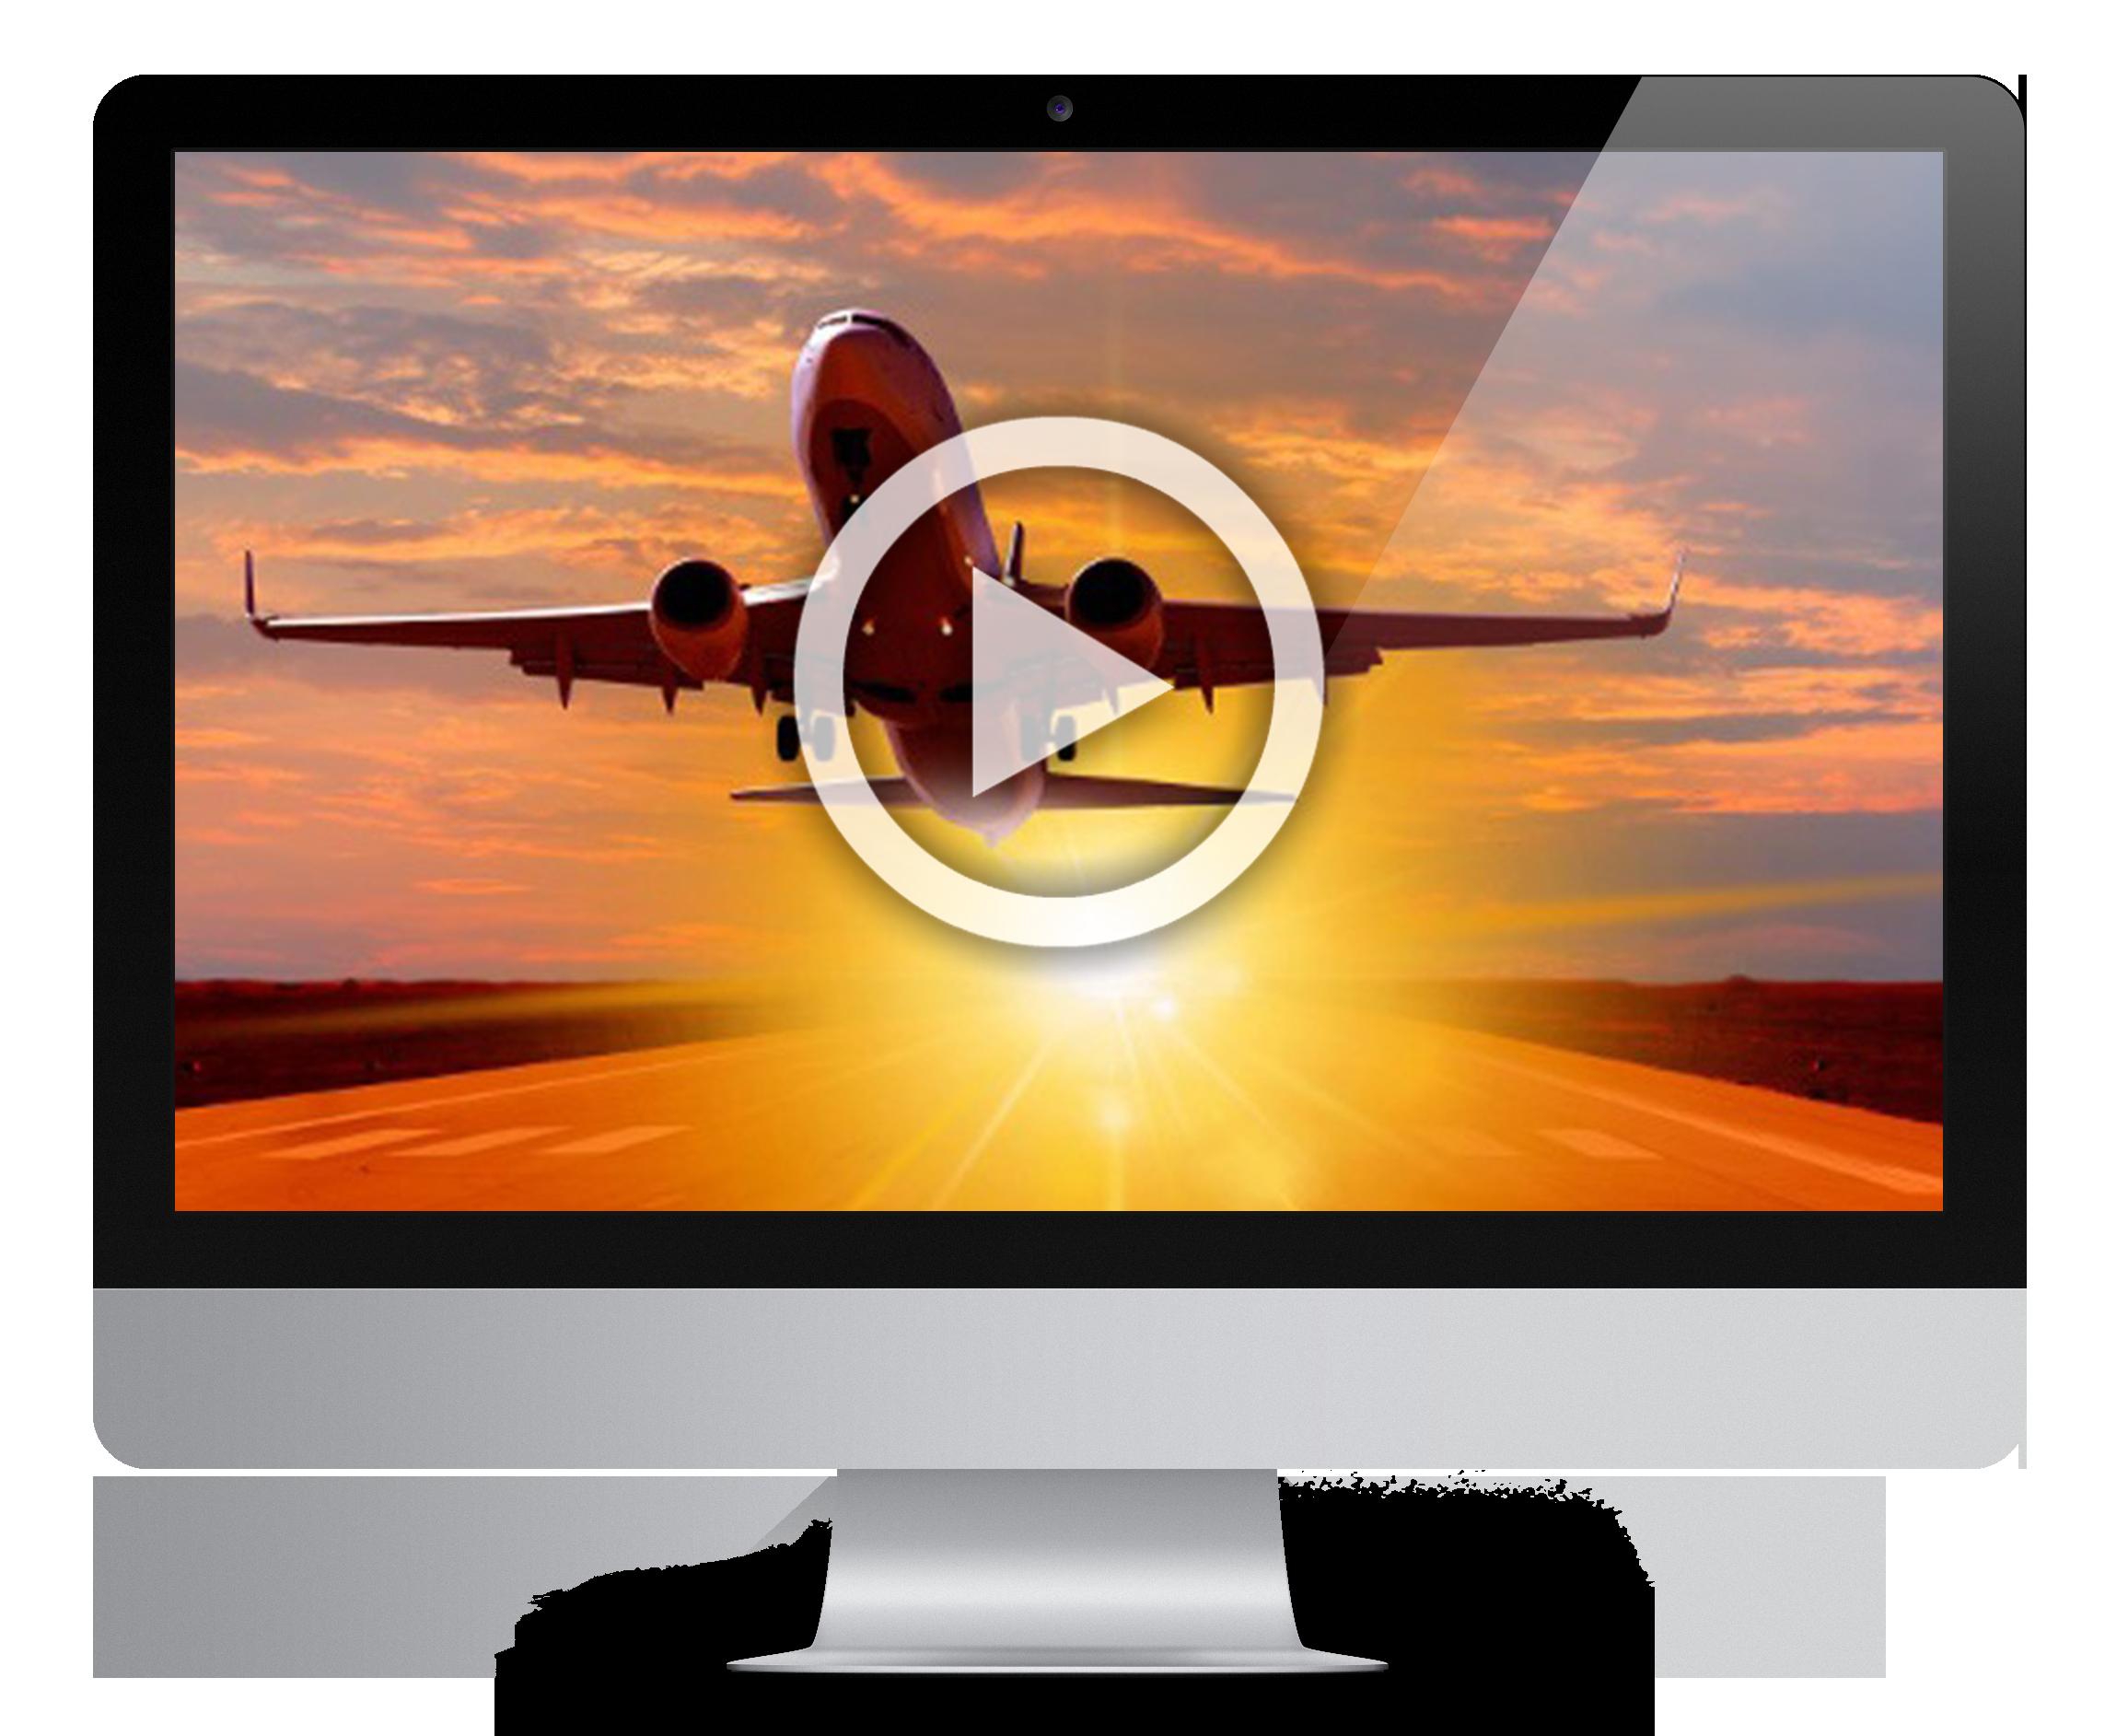 e-szkolenia-tanie-latanie-kurs